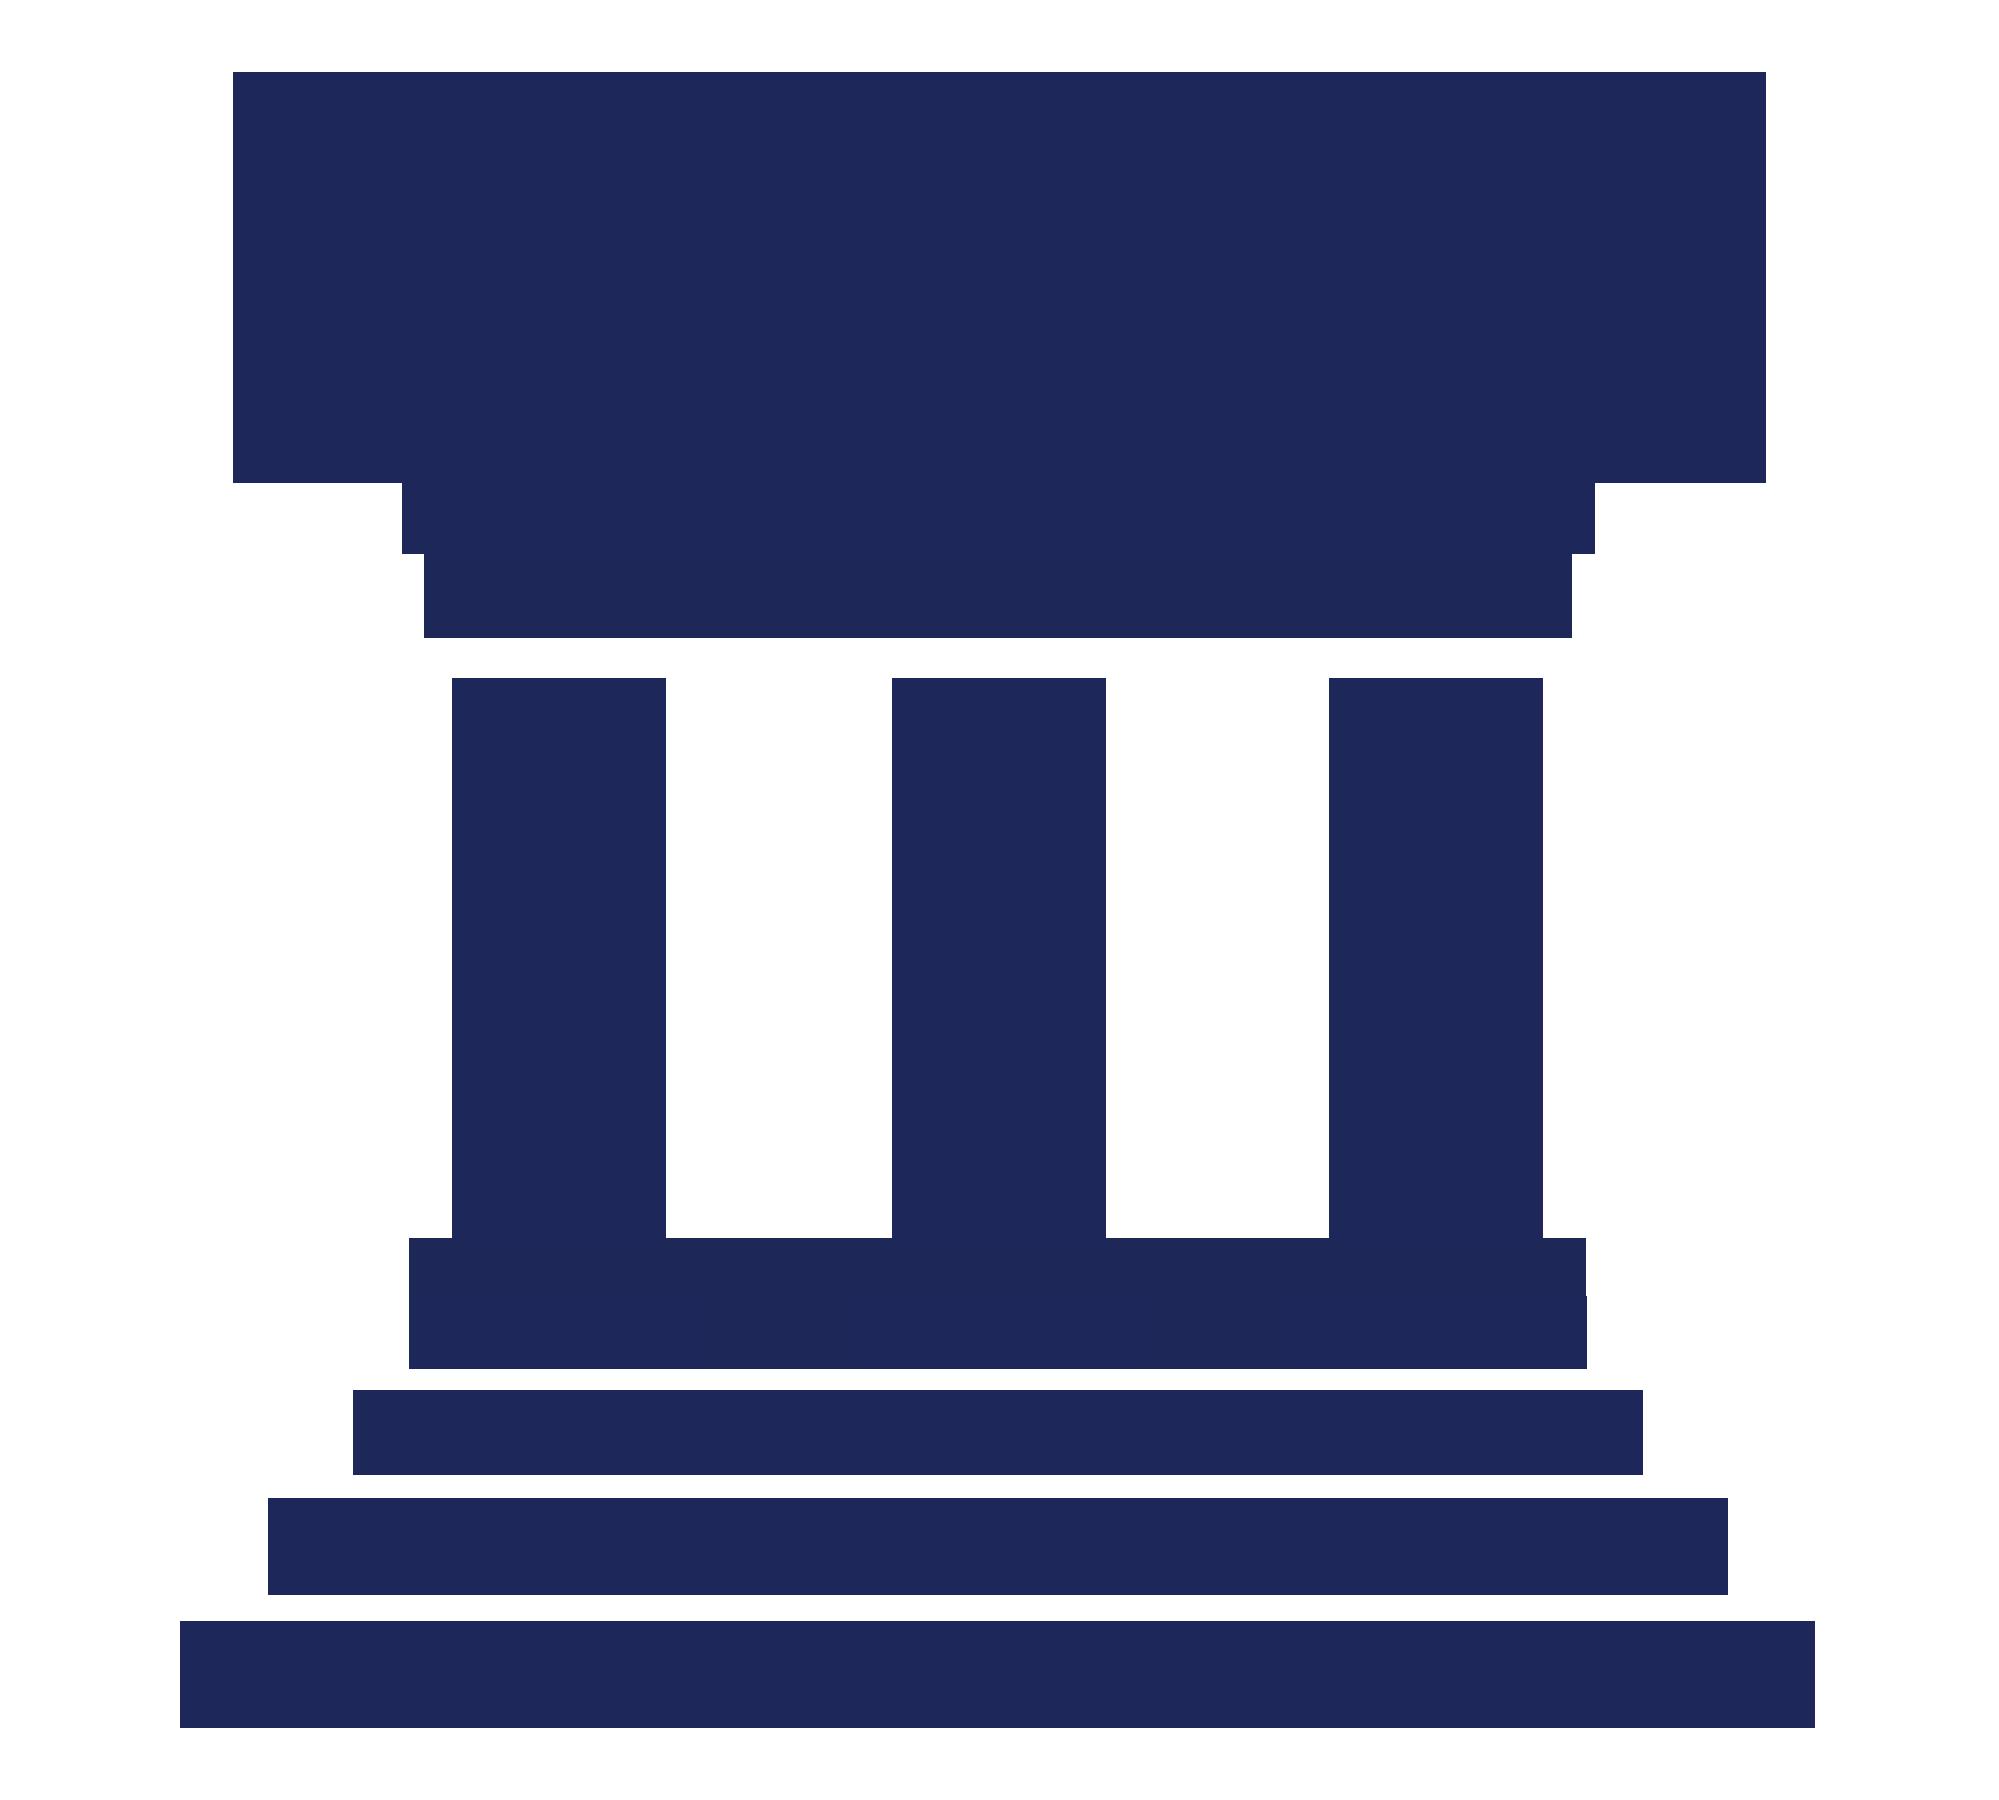 نقش بازار سرمایه در توسعه مالکیت فکری